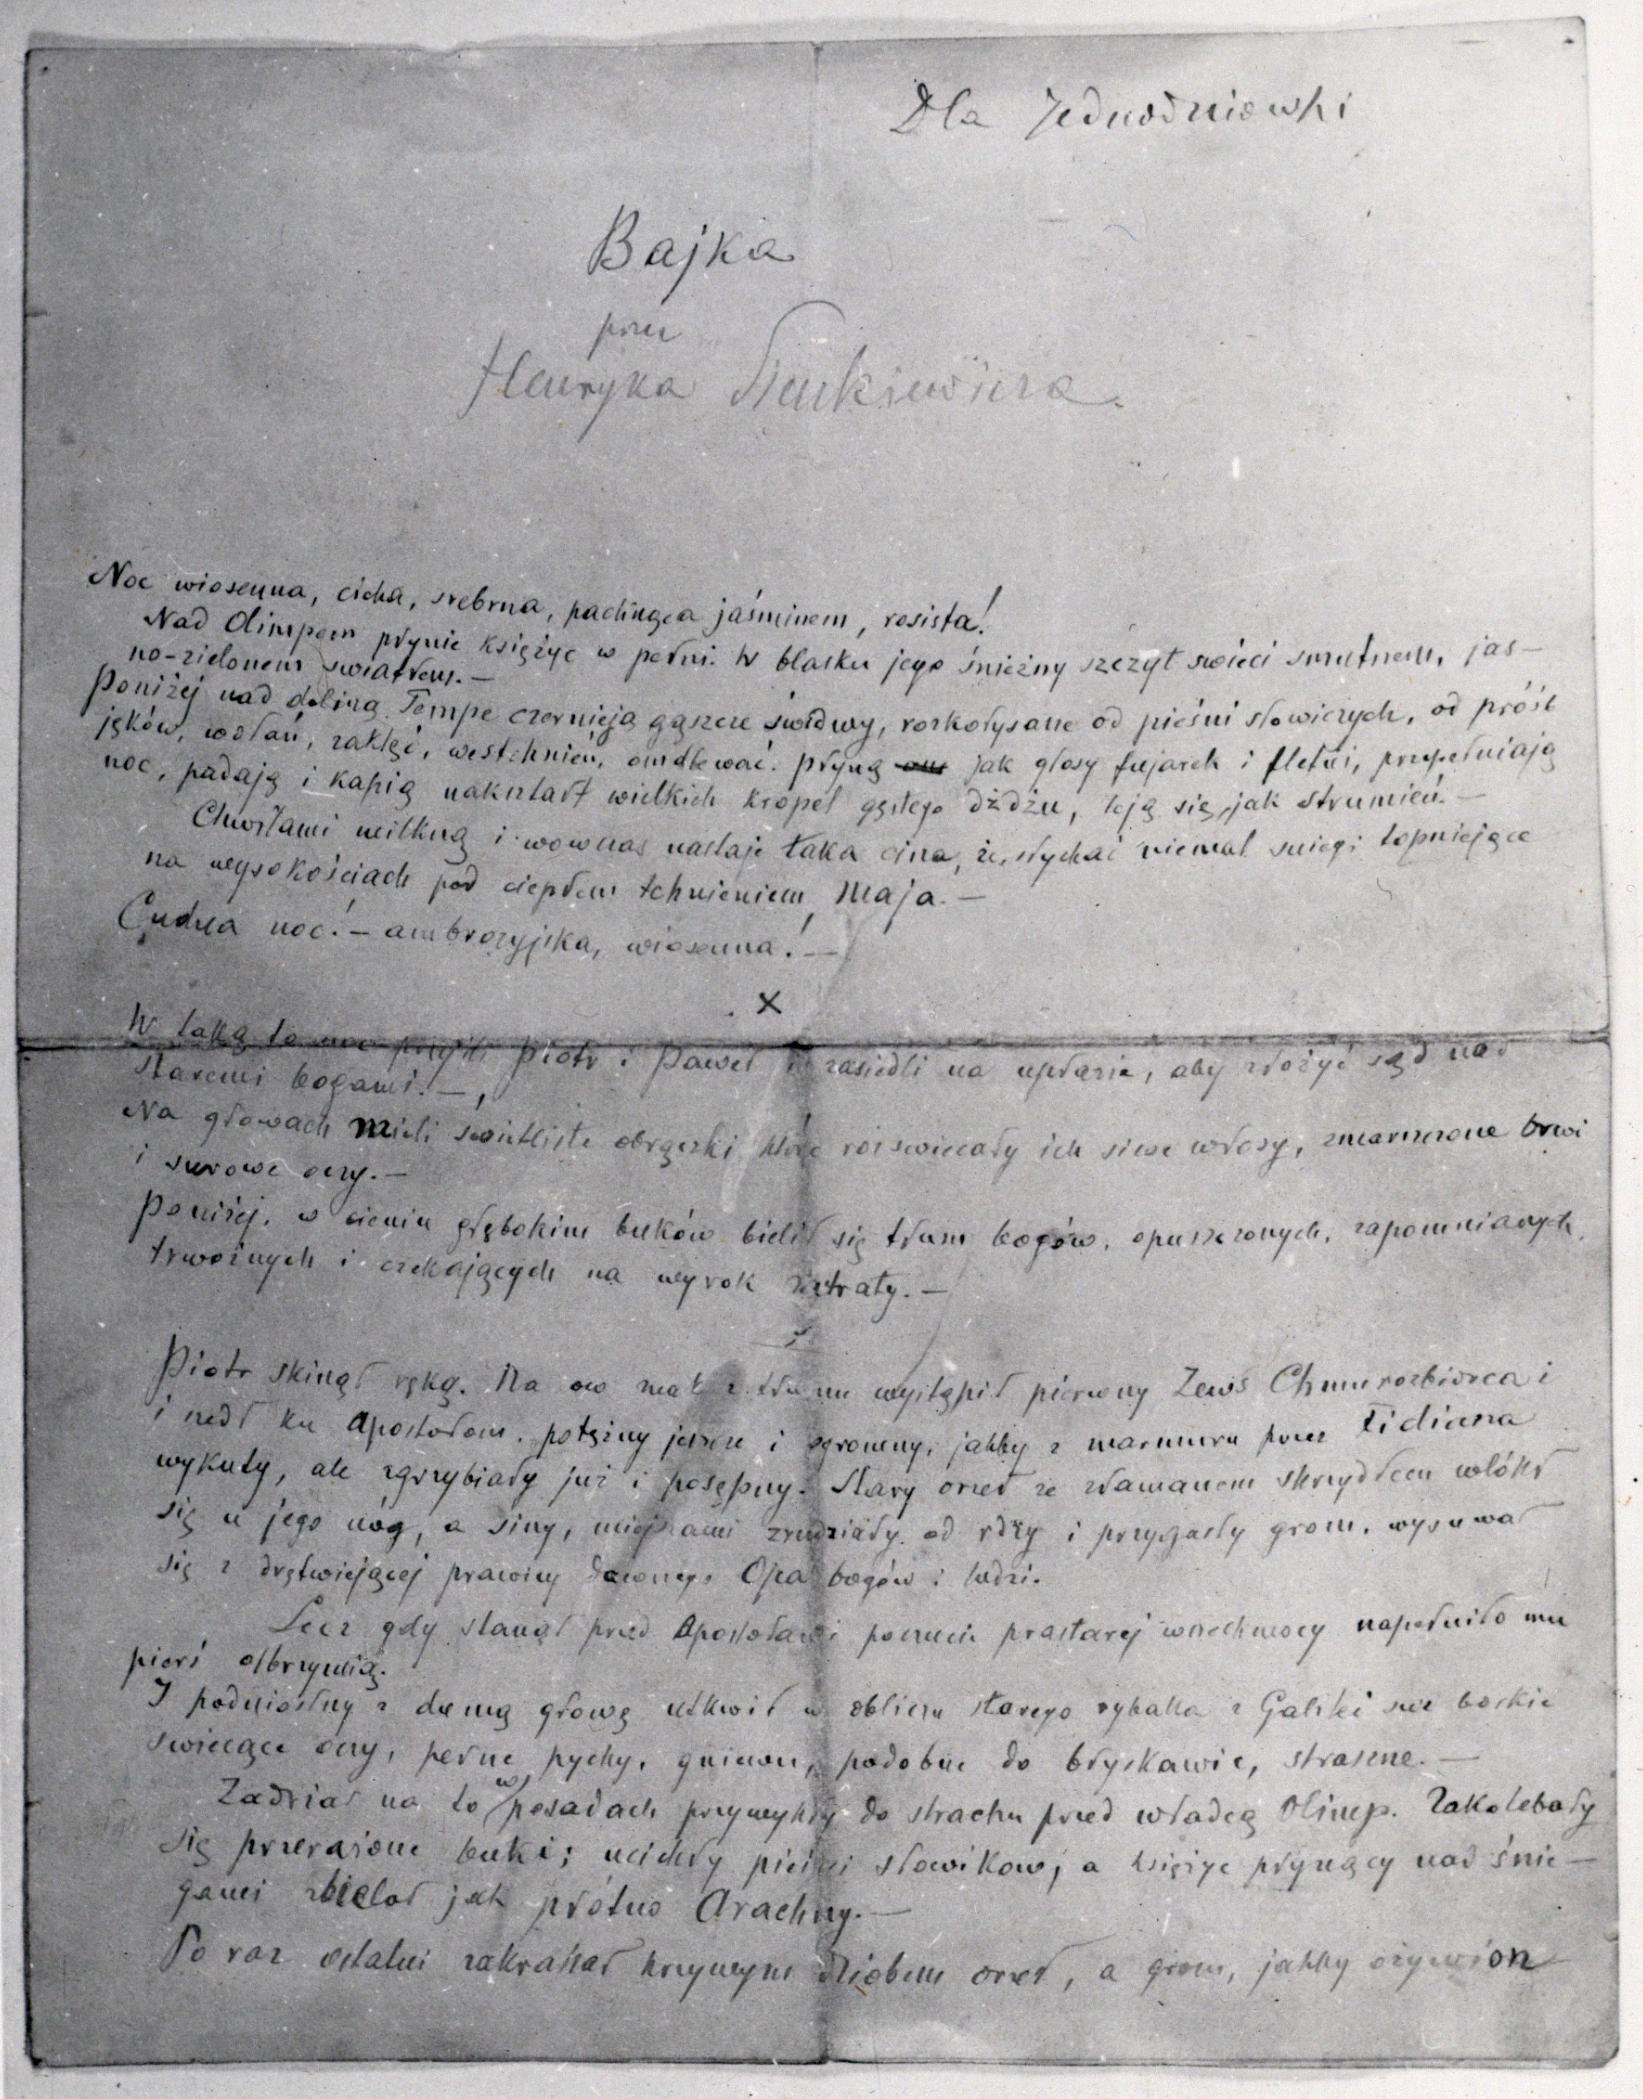 Bajka Sienkiewicza dla Jednodniówki